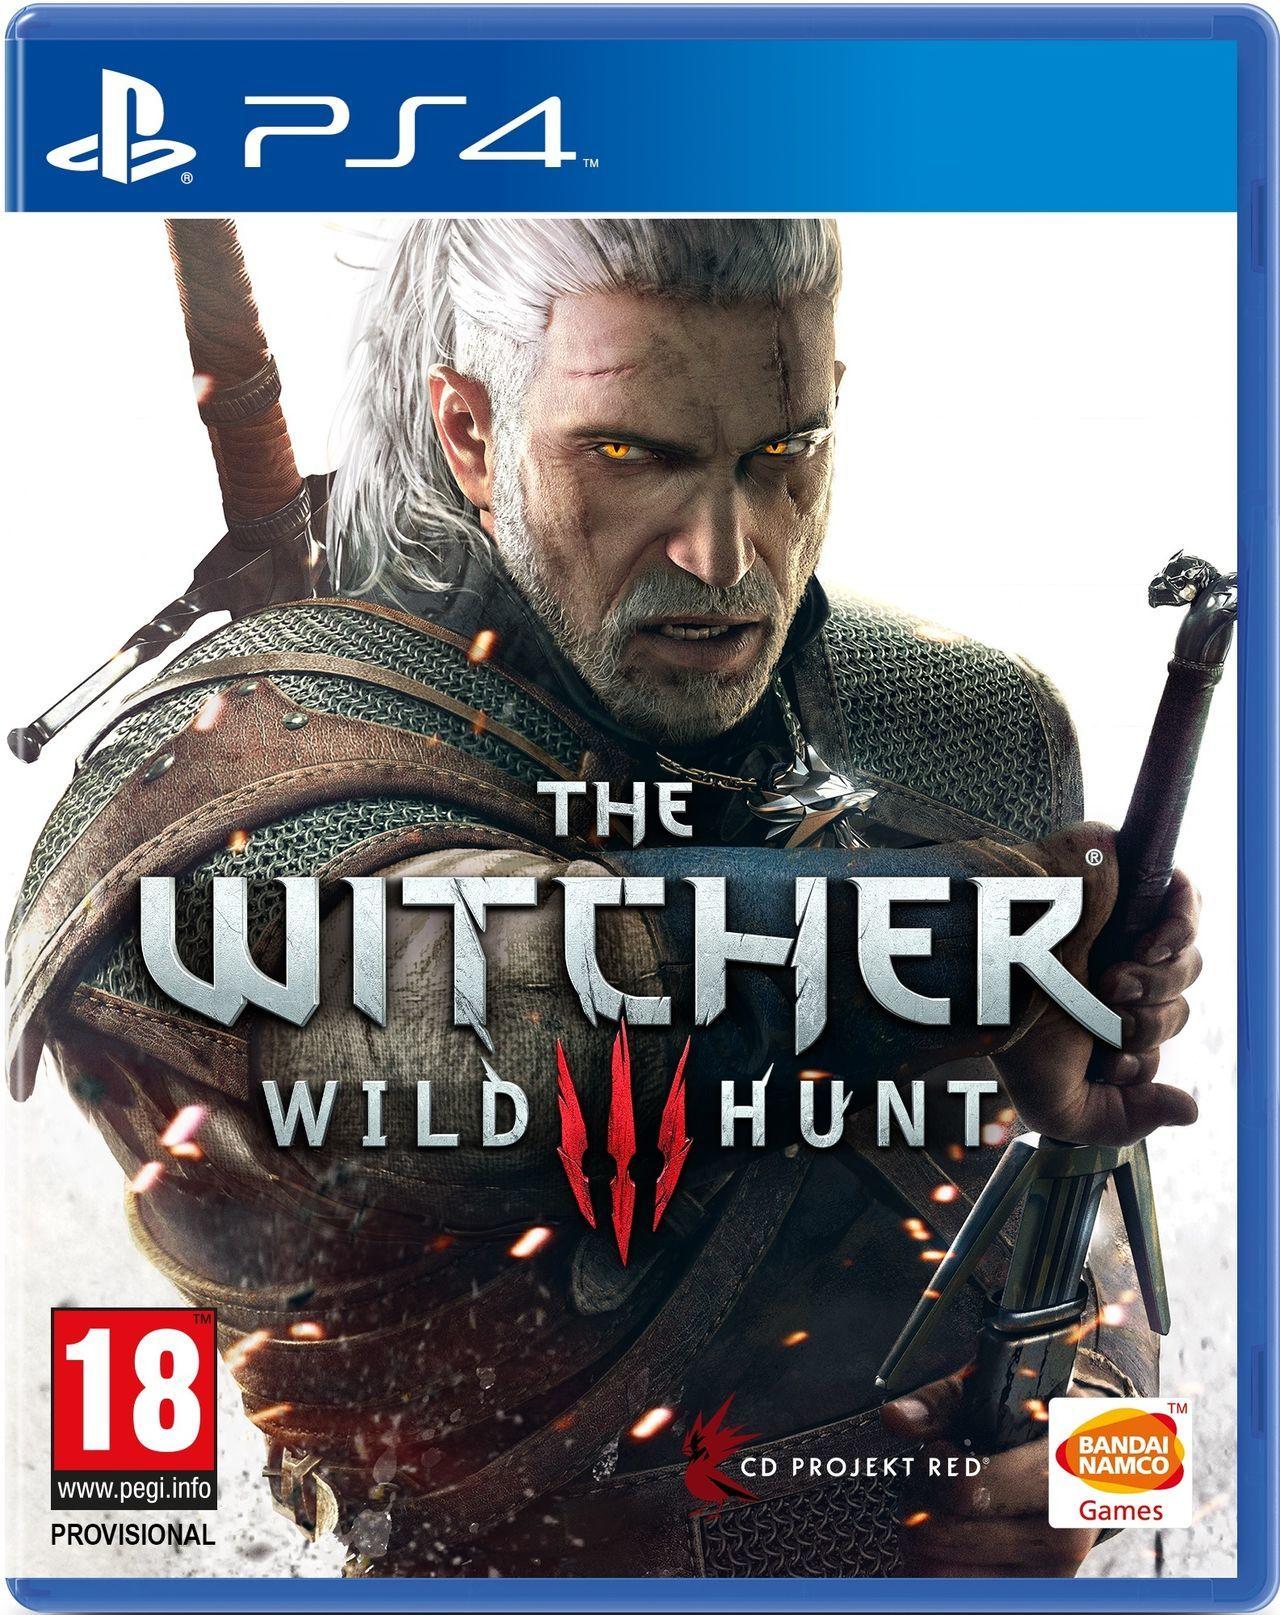 The Witcher 3: Wild Hunt: TODA la información - PS4 - Vandal